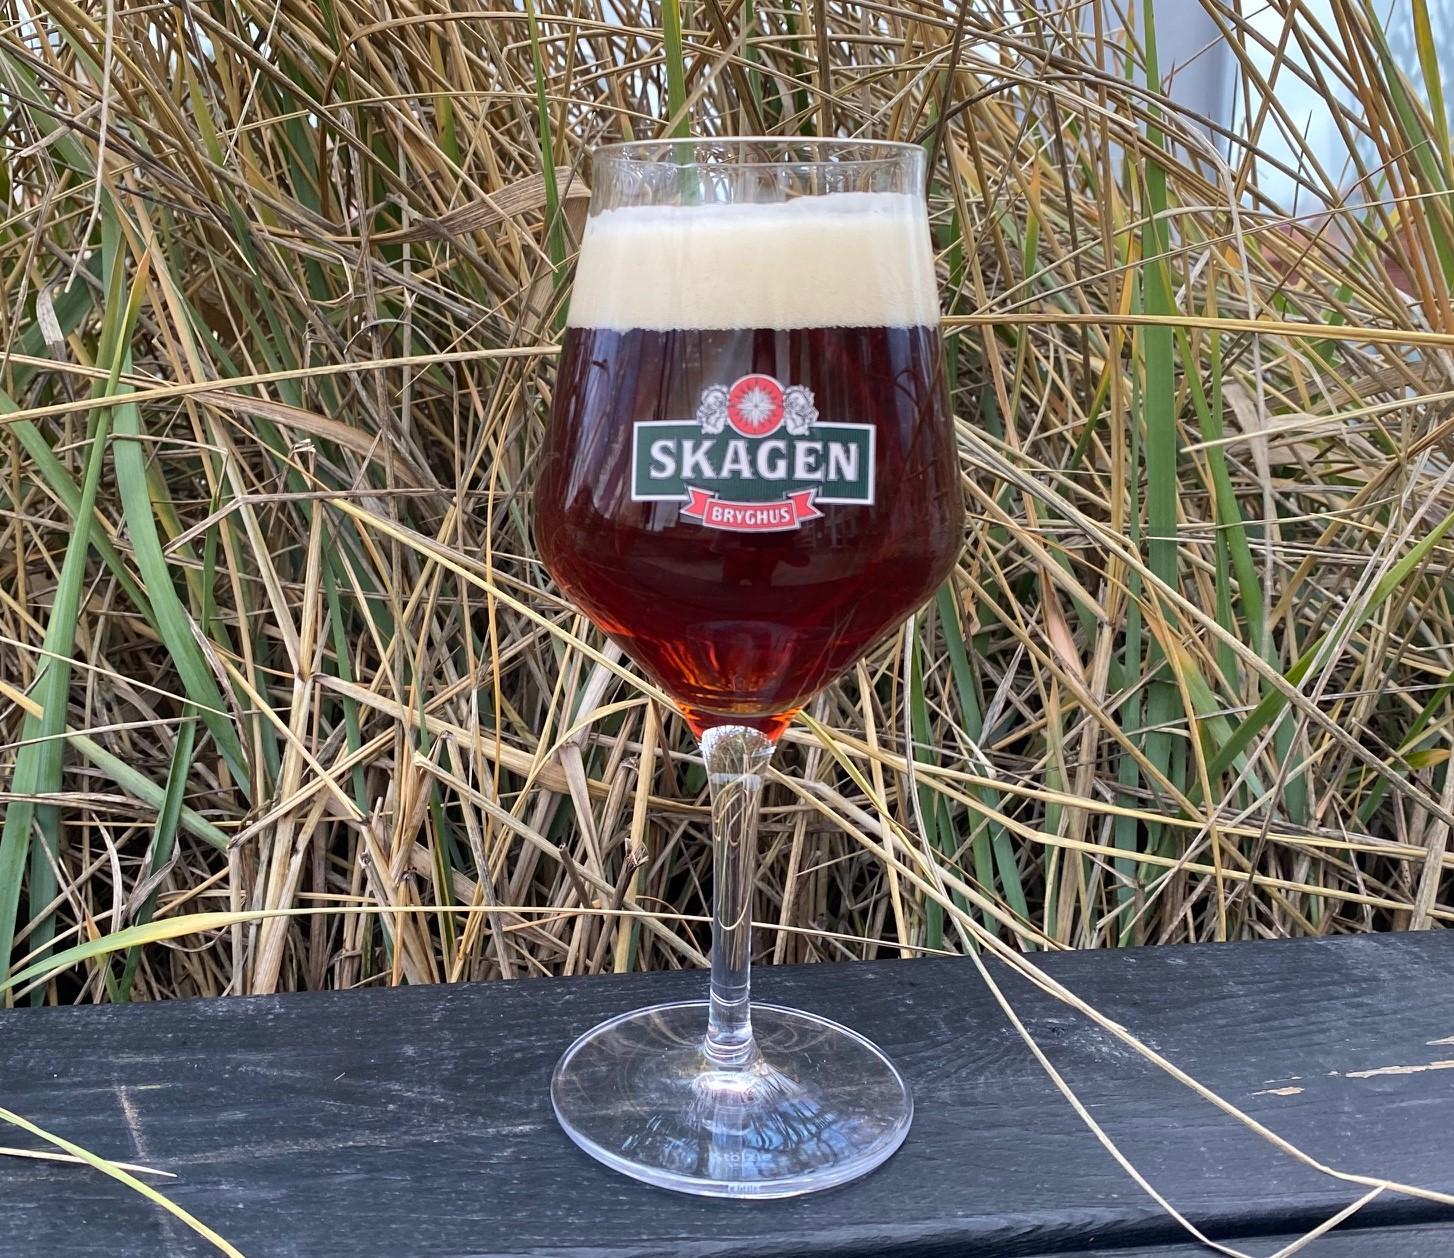 Skagen Bryghus glas 40 cl.